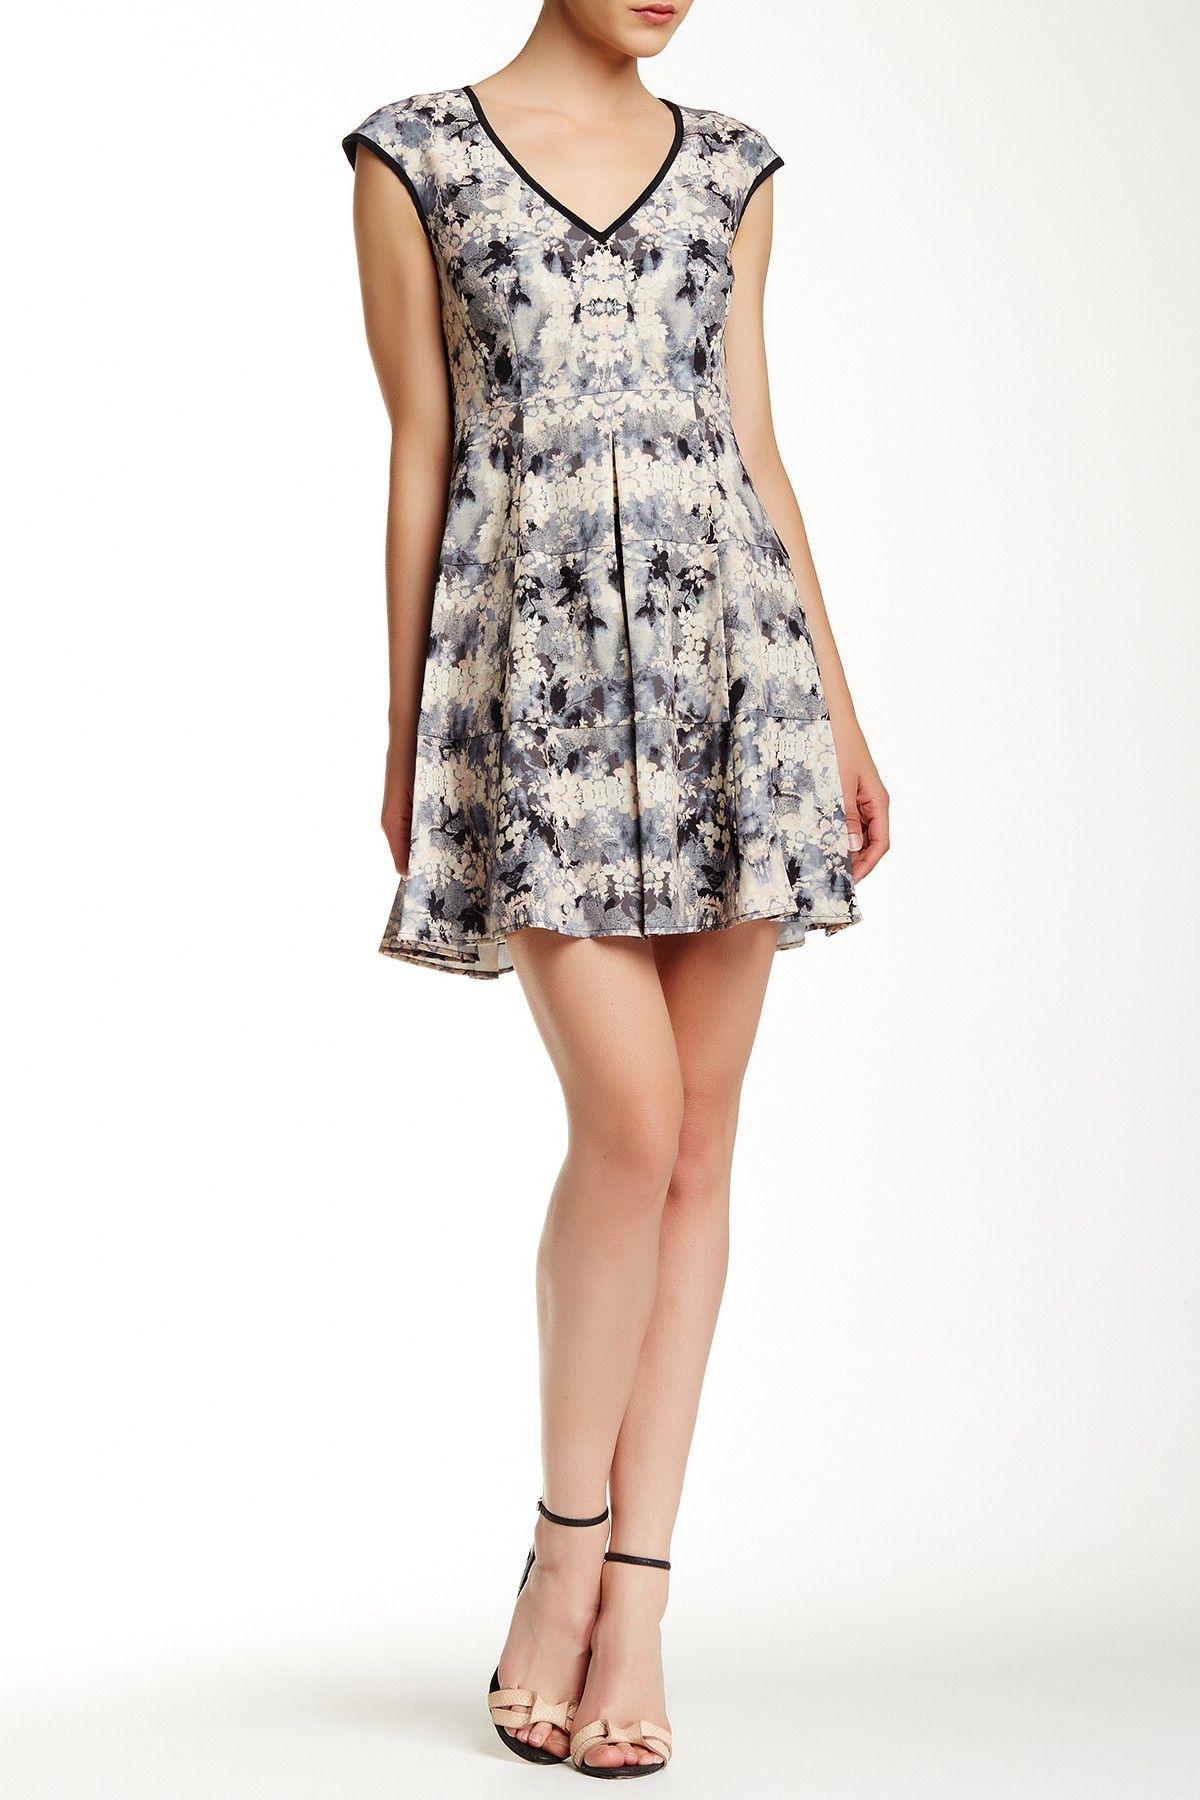 e5fff6225835 Love Crime Dress by Nanette Lepore on  nordstrom rack